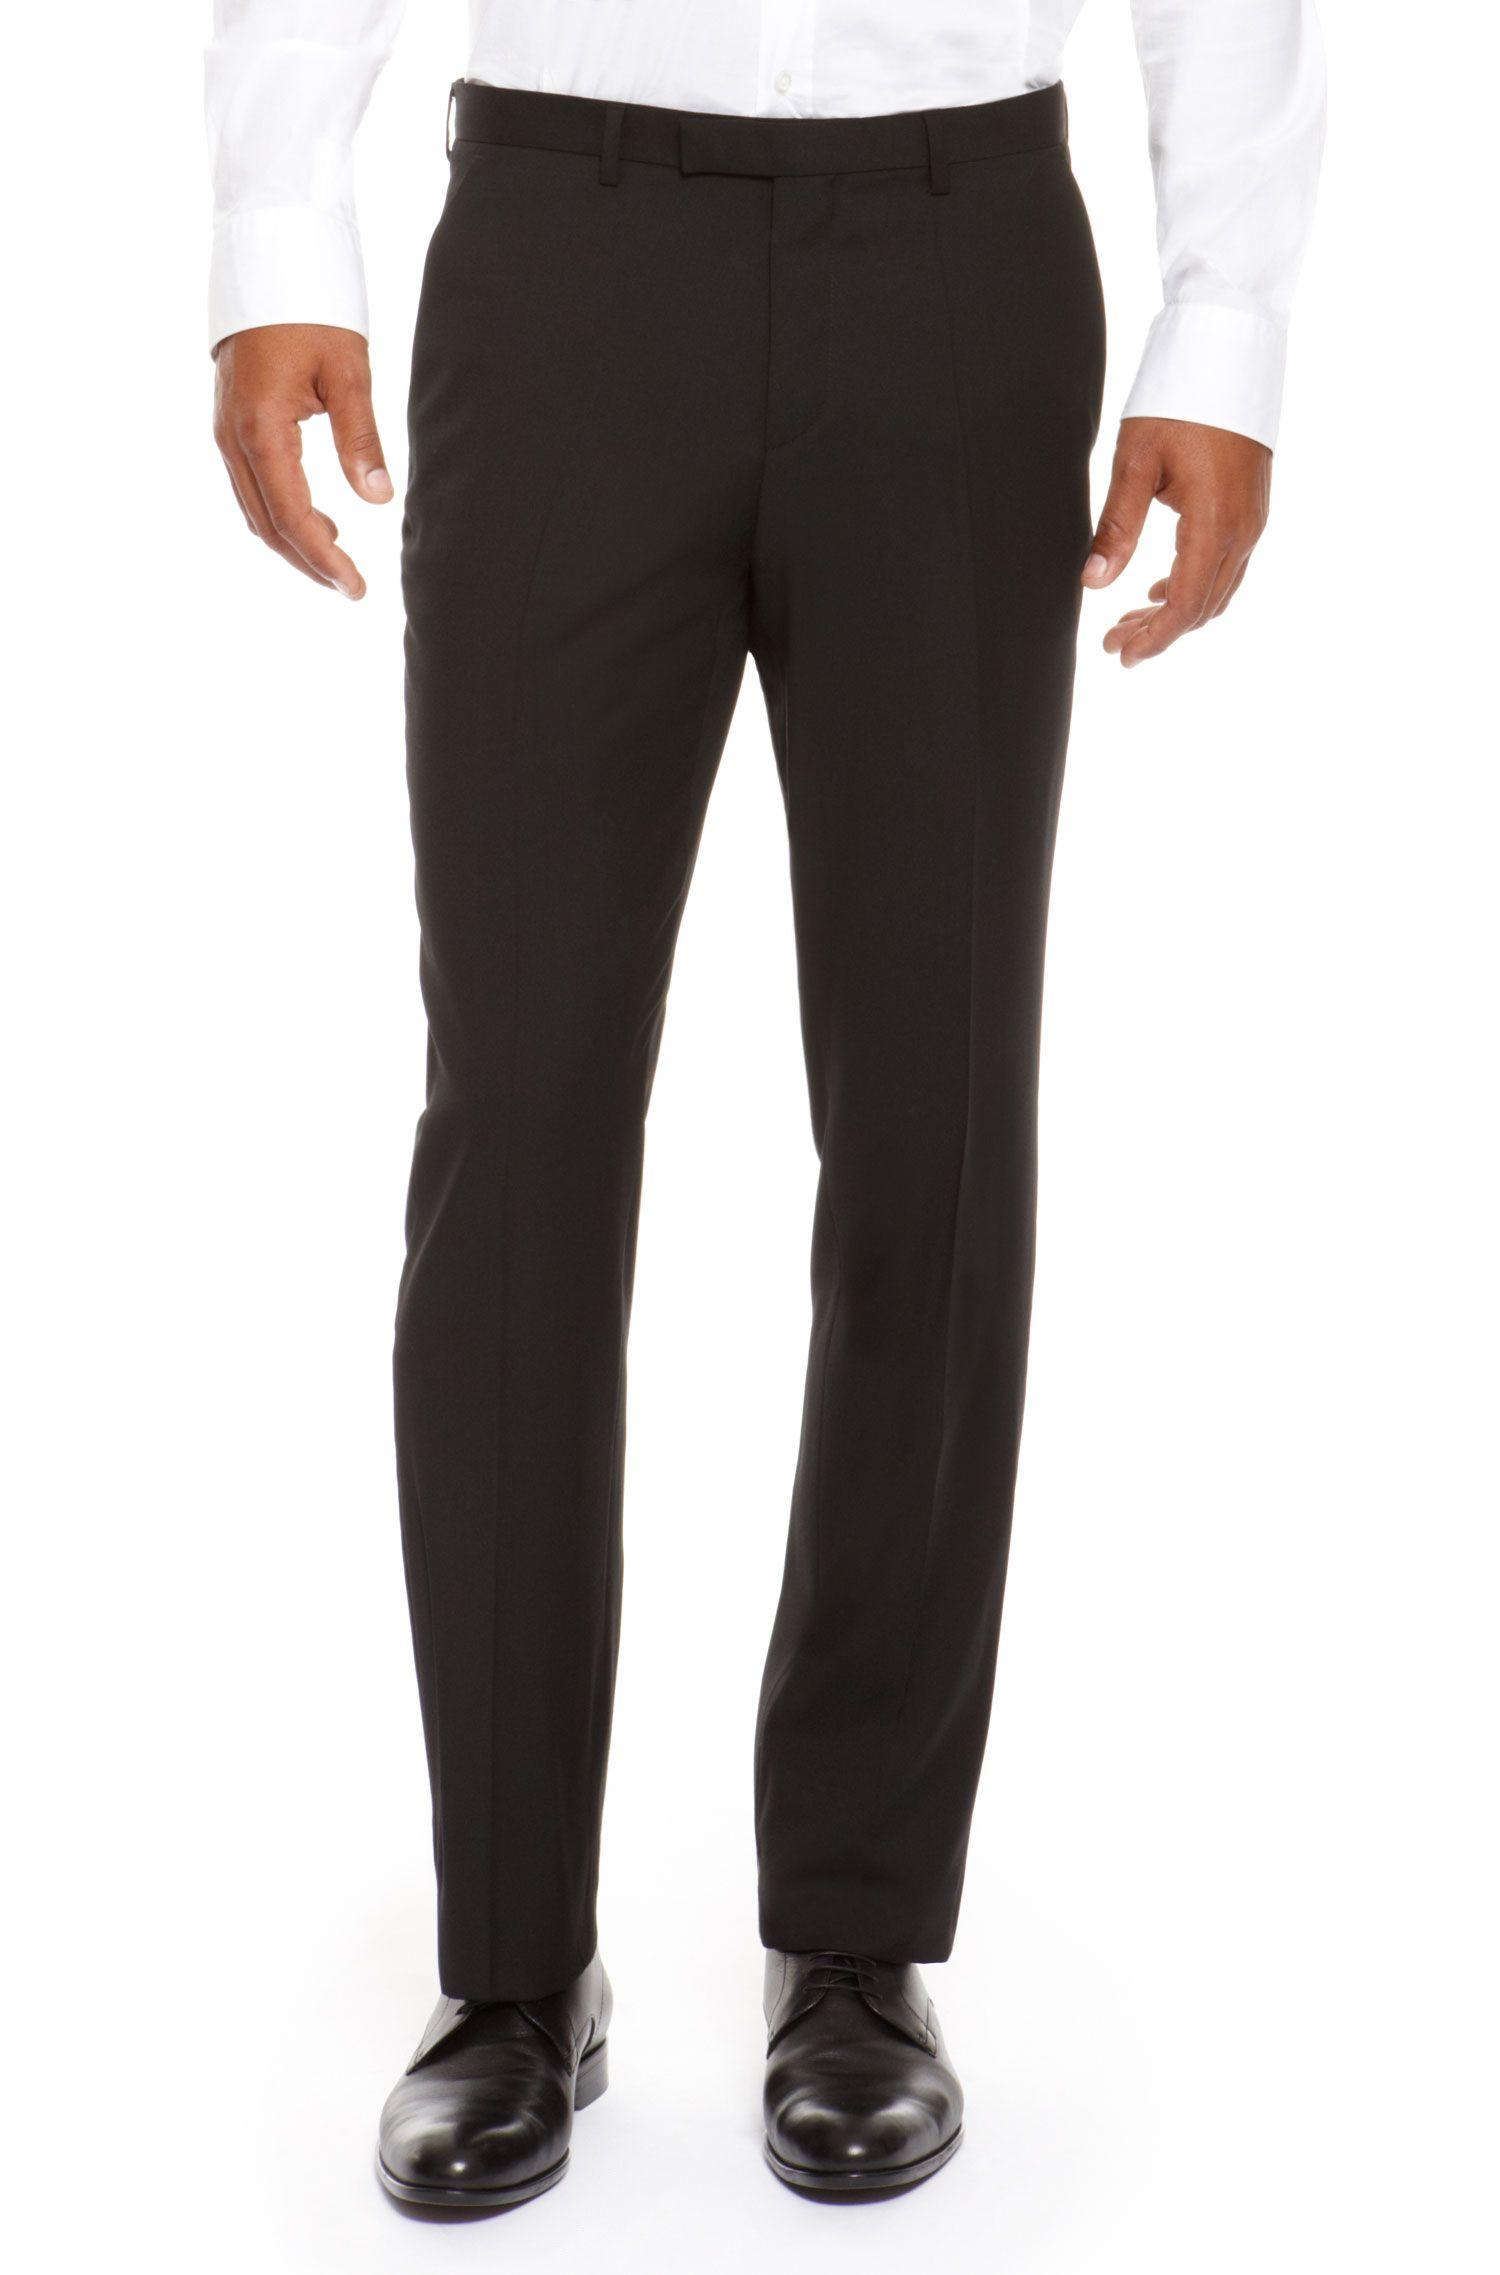 'Sharp' | Regular Fit, Virgin Wool Dress Pants